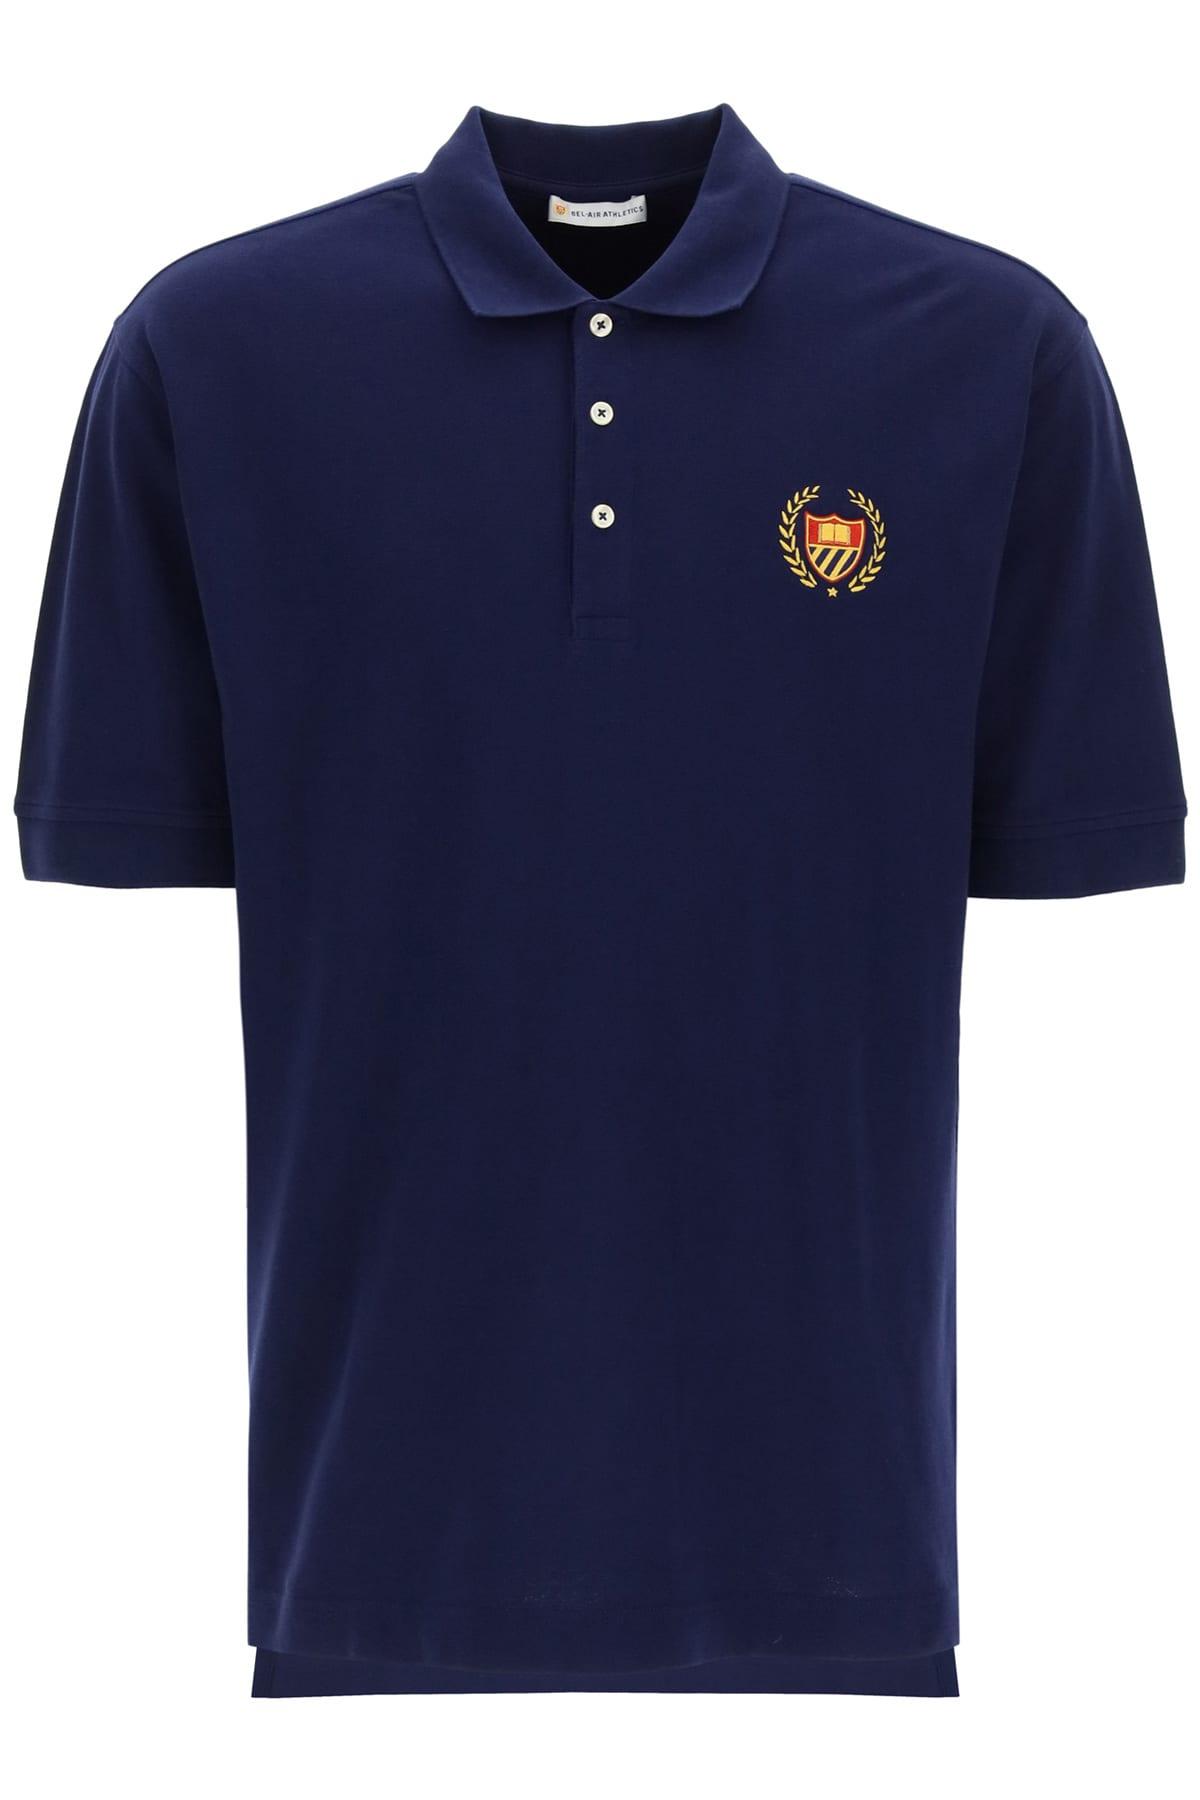 Academy Crest Polo Shirt